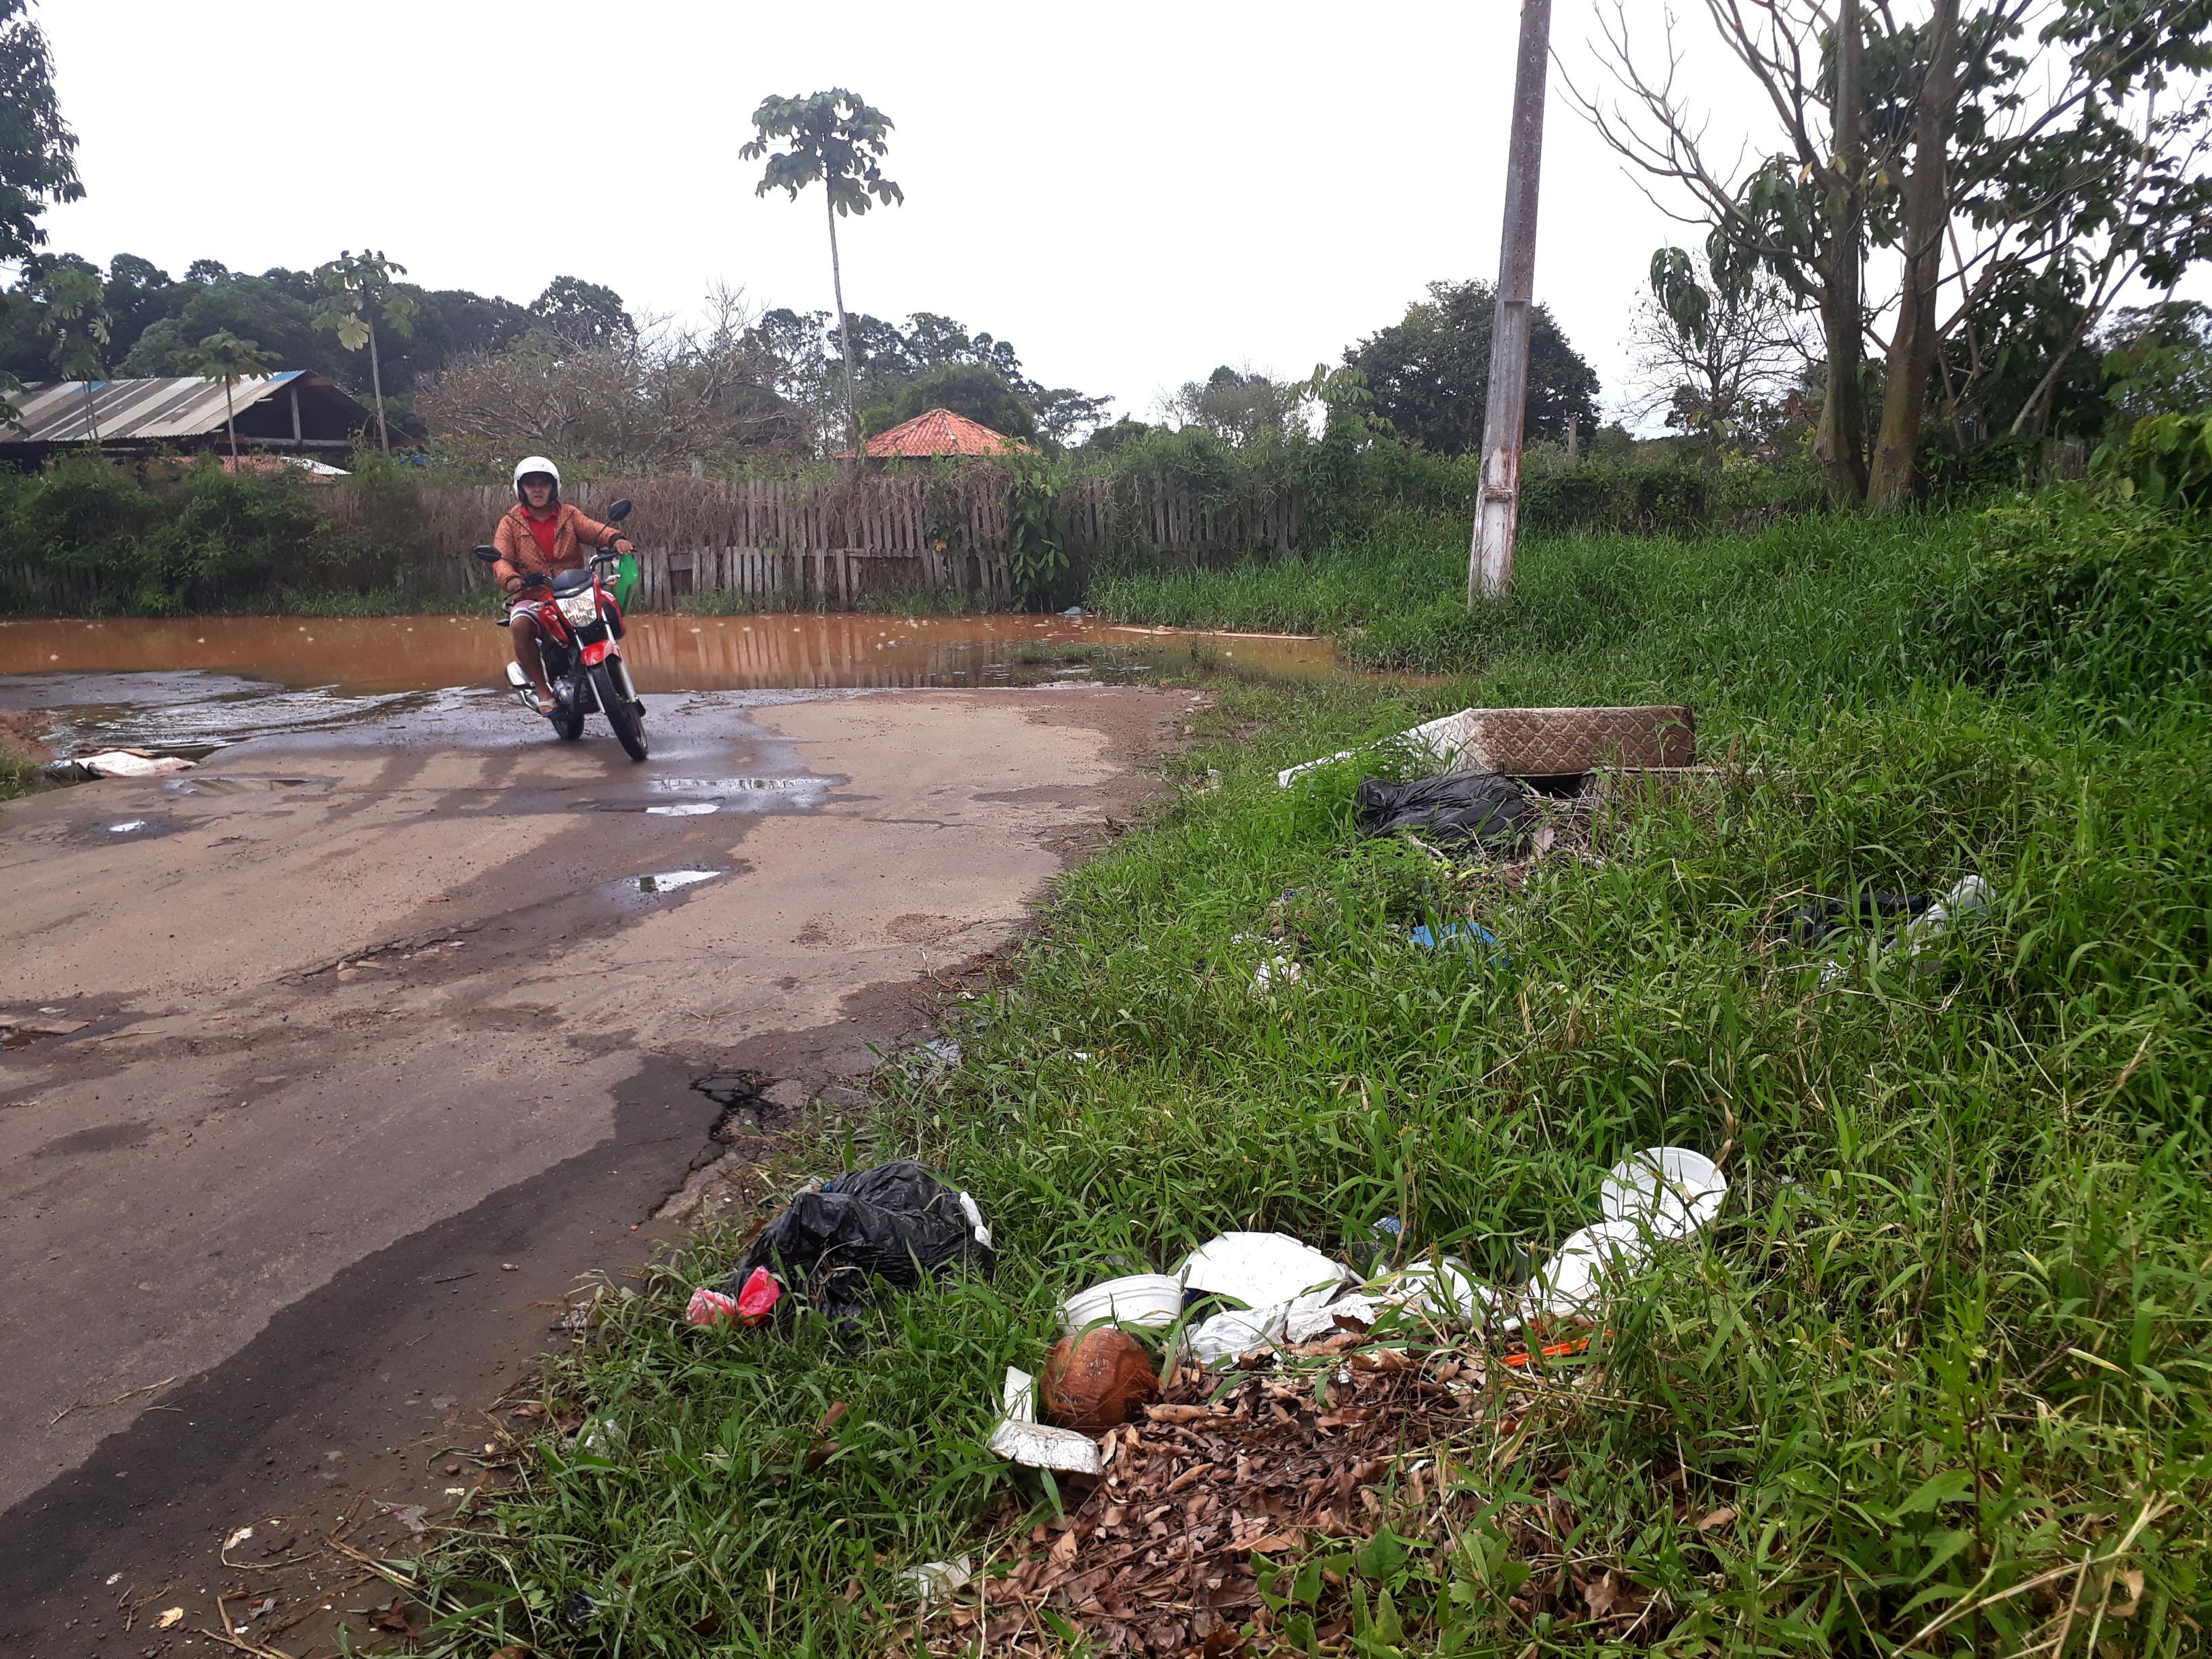 Rua esburacada e com lama - 12-07-2019 (Josiete Serrão) (16)_1